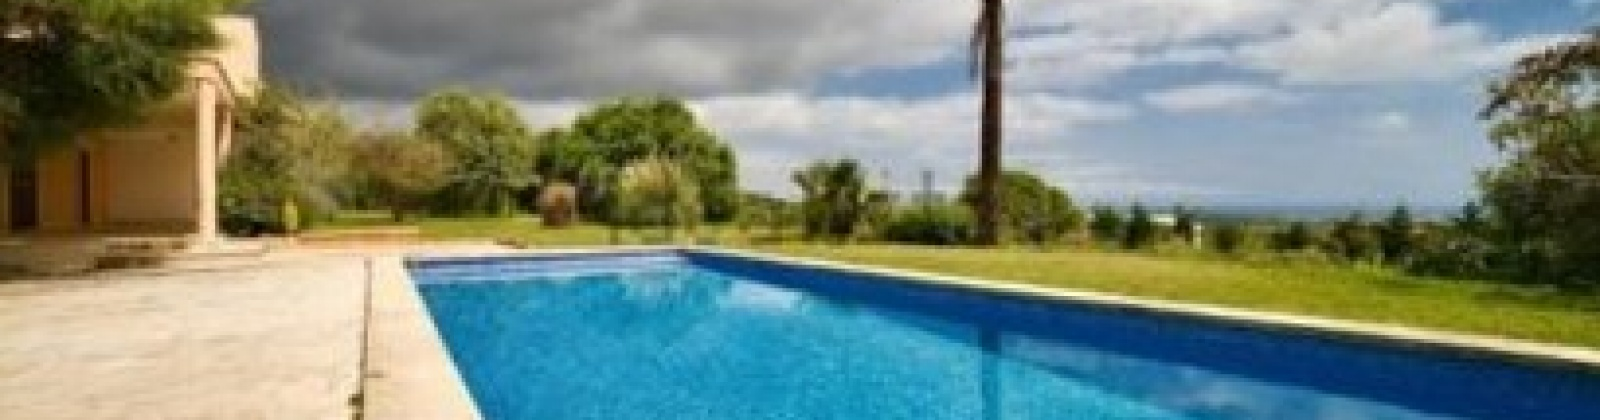 5 Bedrooms Bedrooms, ,4 BathroomsBathrooms,Villa,For Sale,1020